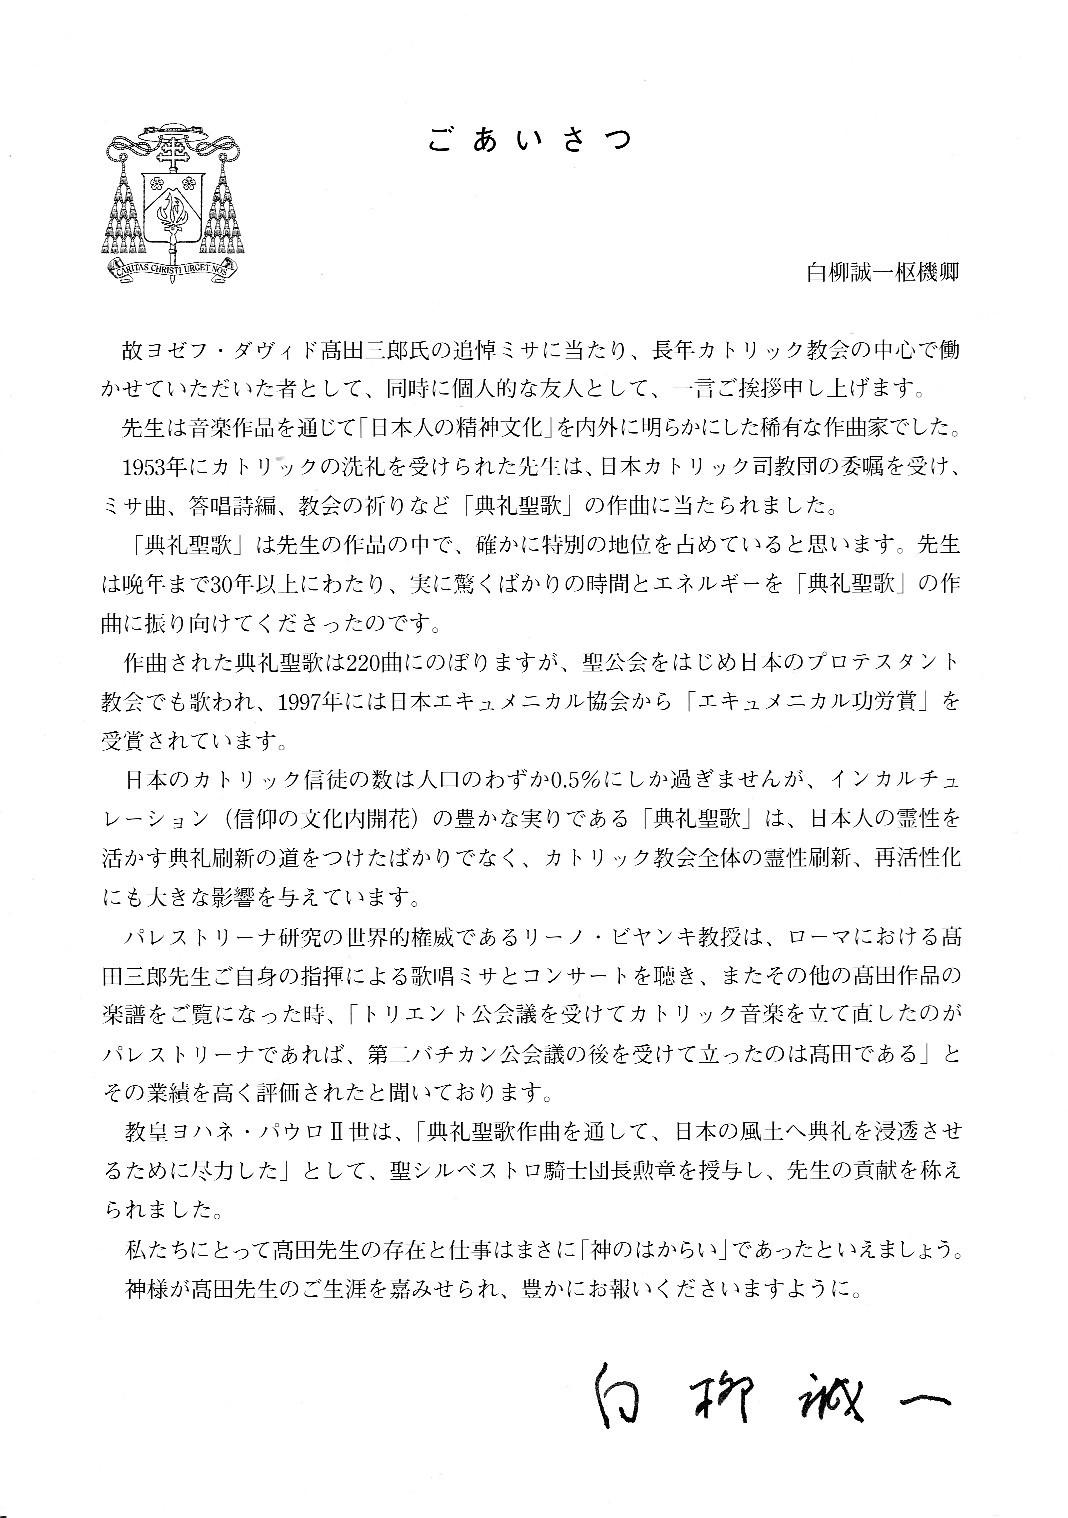 髙田三郎追悼ミサ_c0125004_15291774.jpg